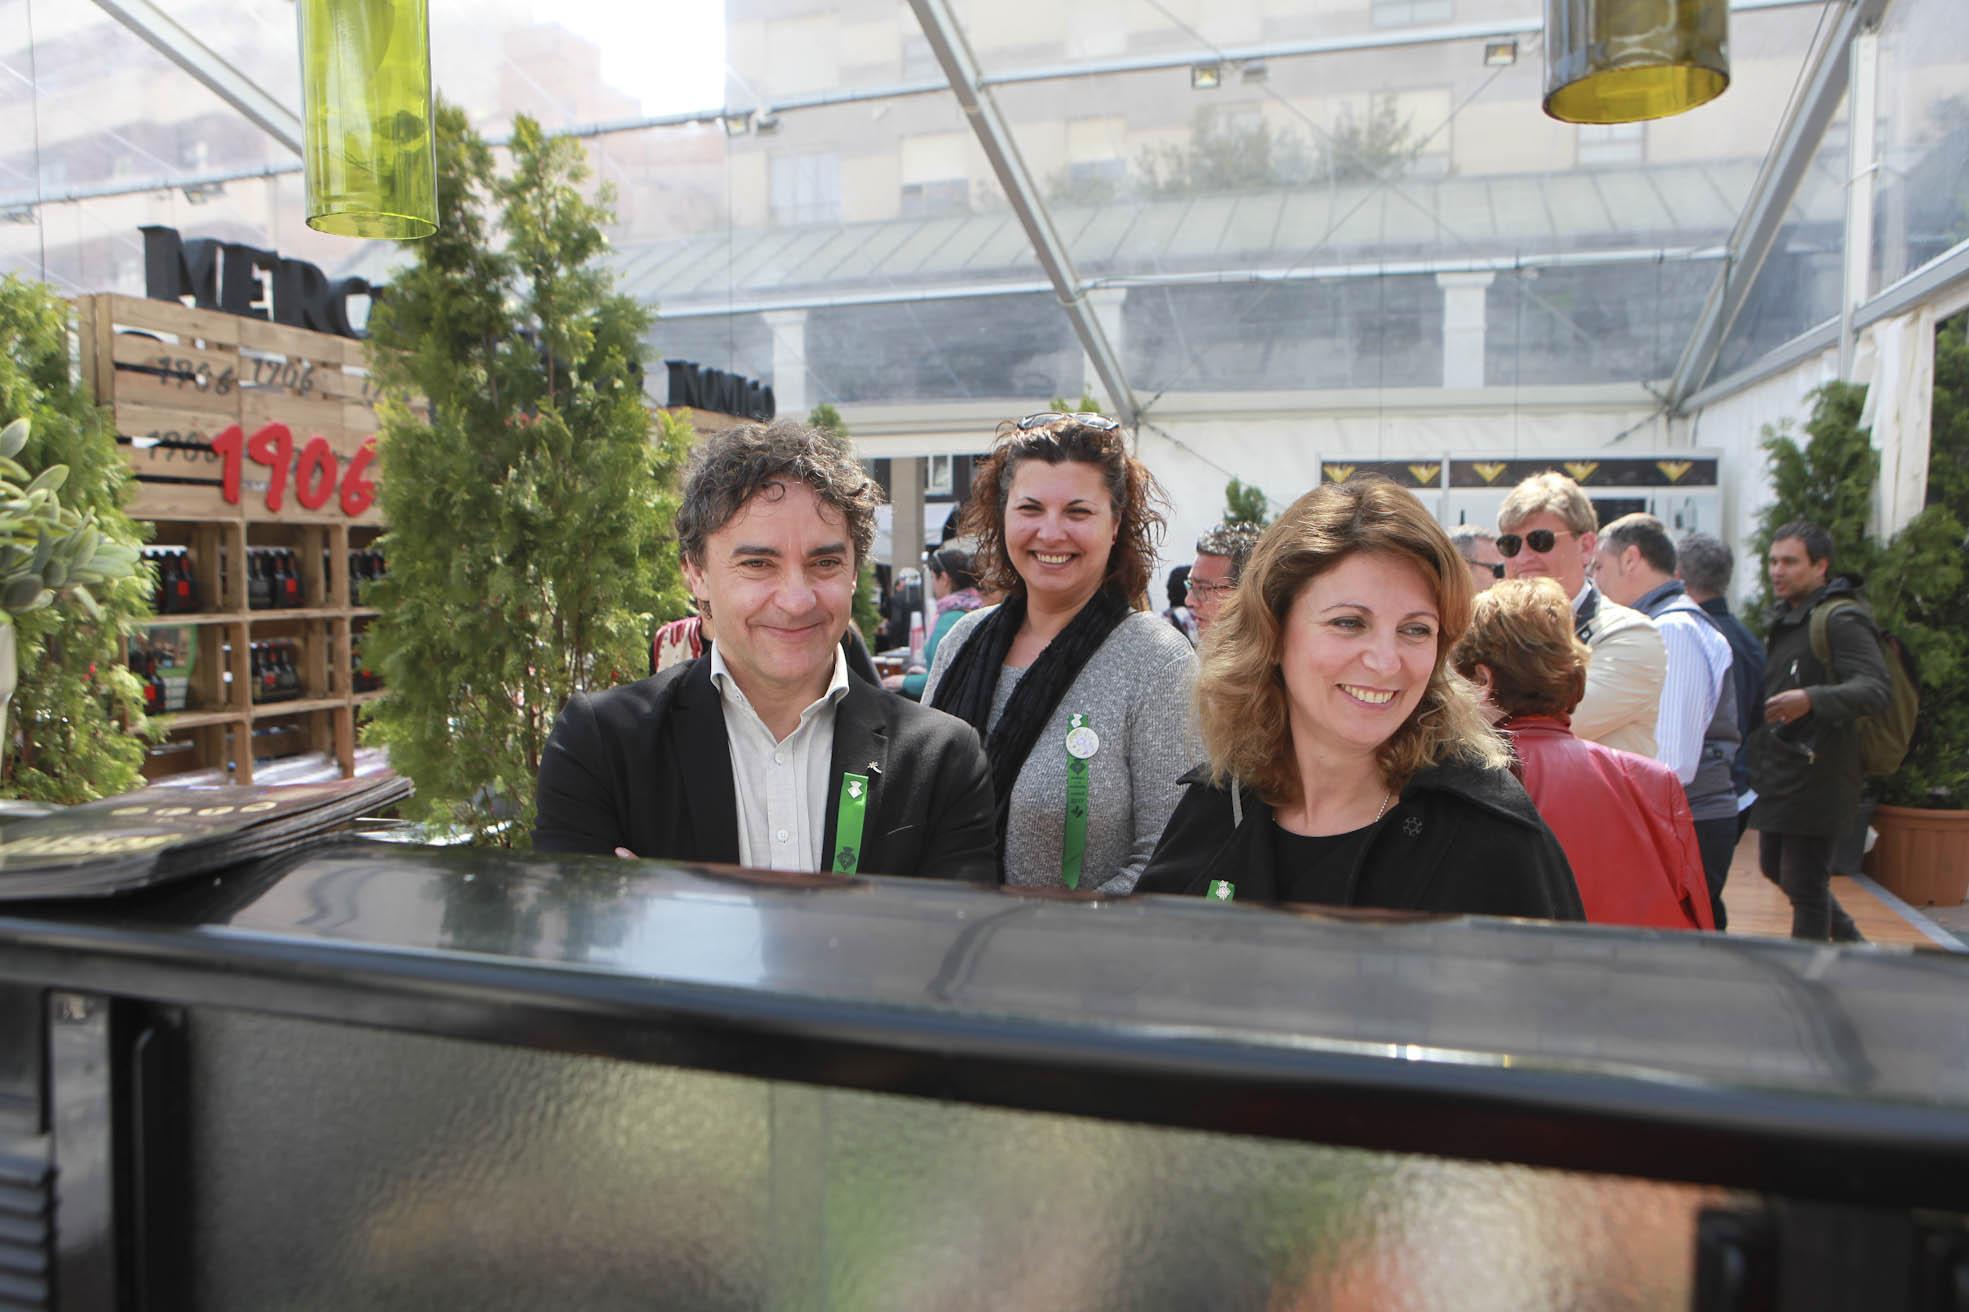 La alcaldesa, Amparo Marco, y el secretario autonómico de Turismo, Francesc Colomer, visitan el mercado gastronómico